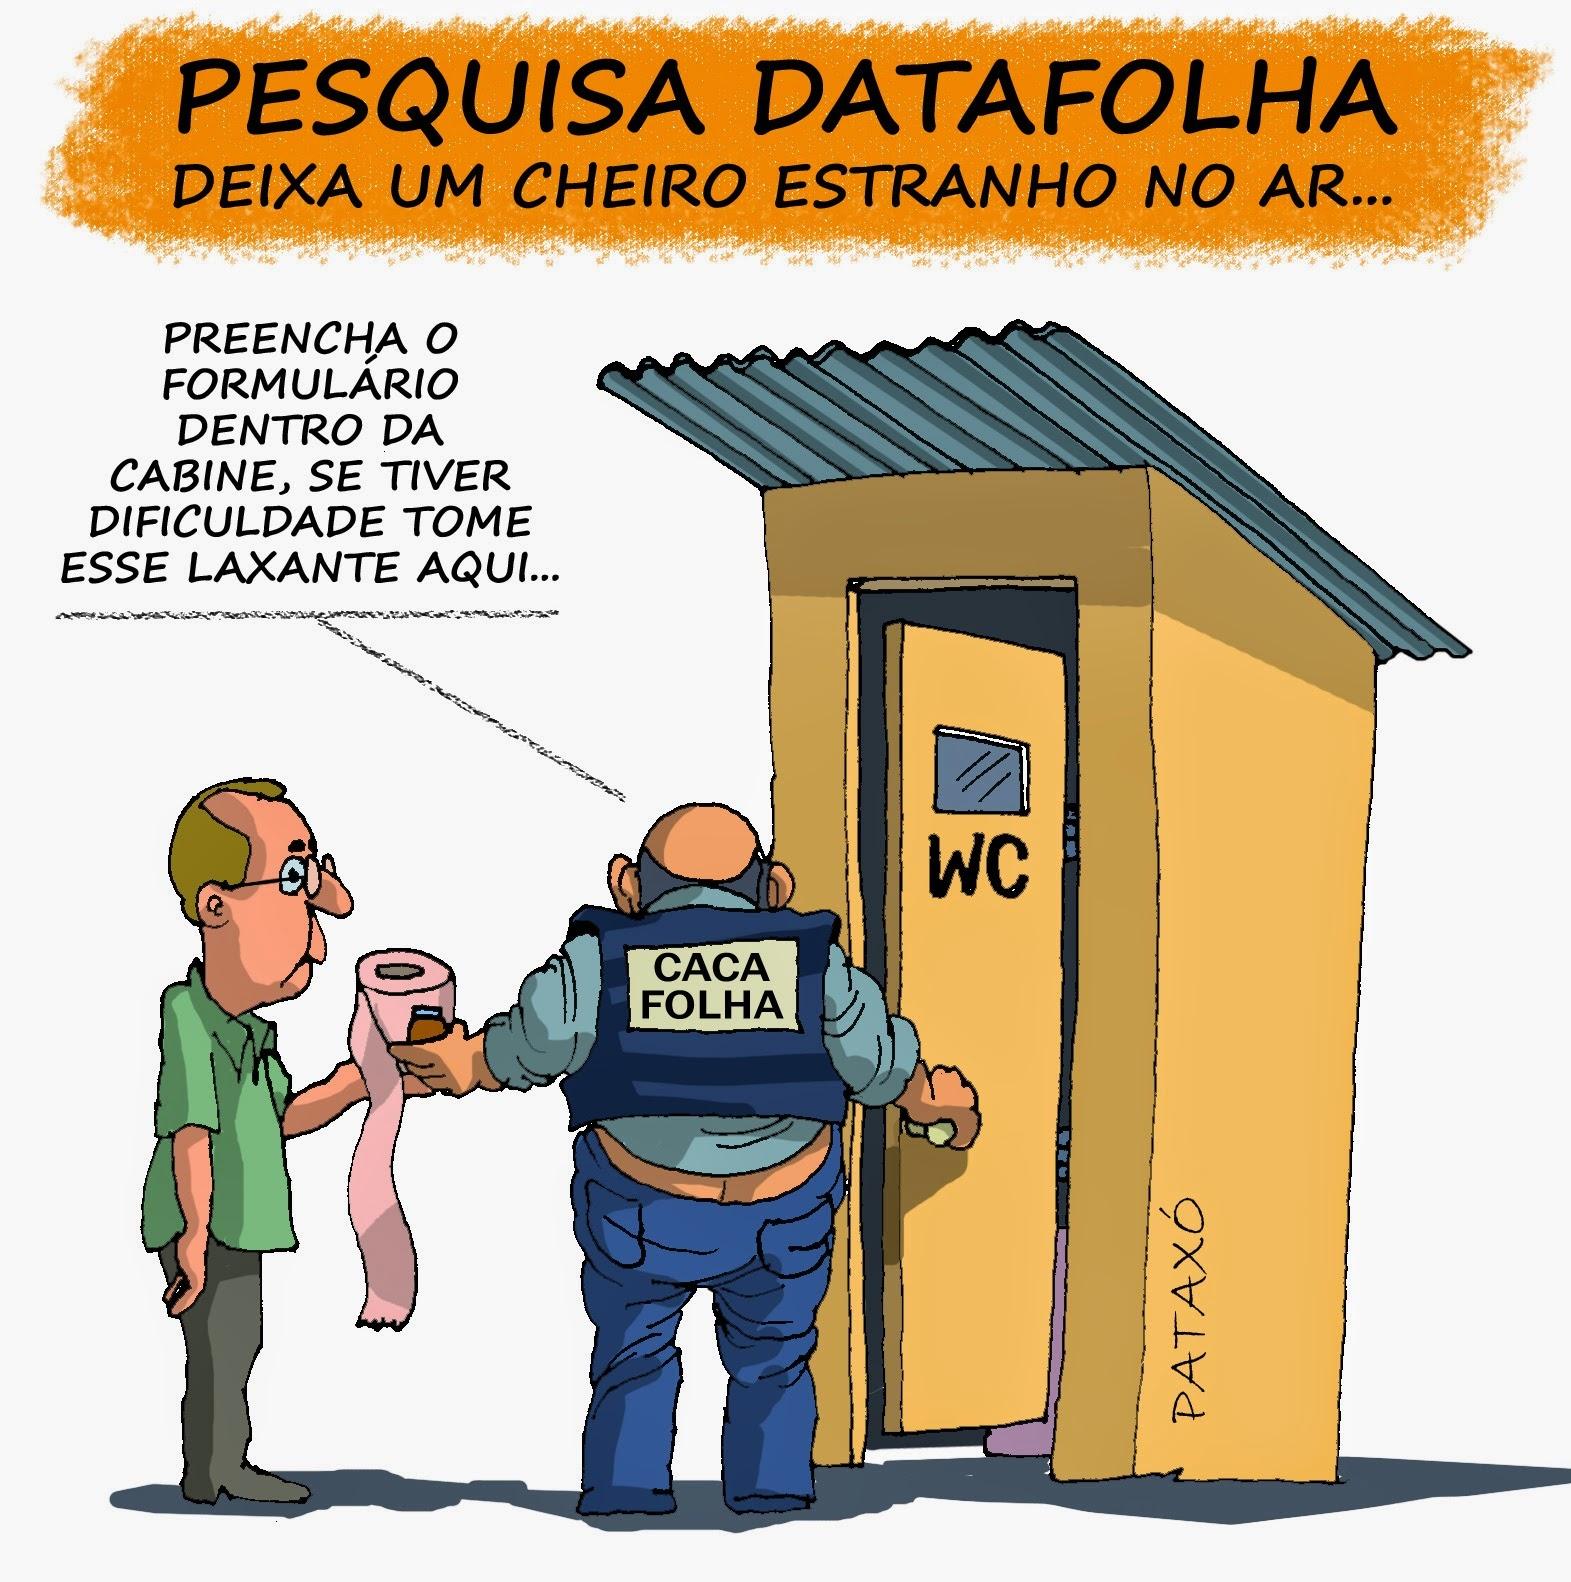 Departamento de Árbitros do Flamengo faz acordo com o Datafolha